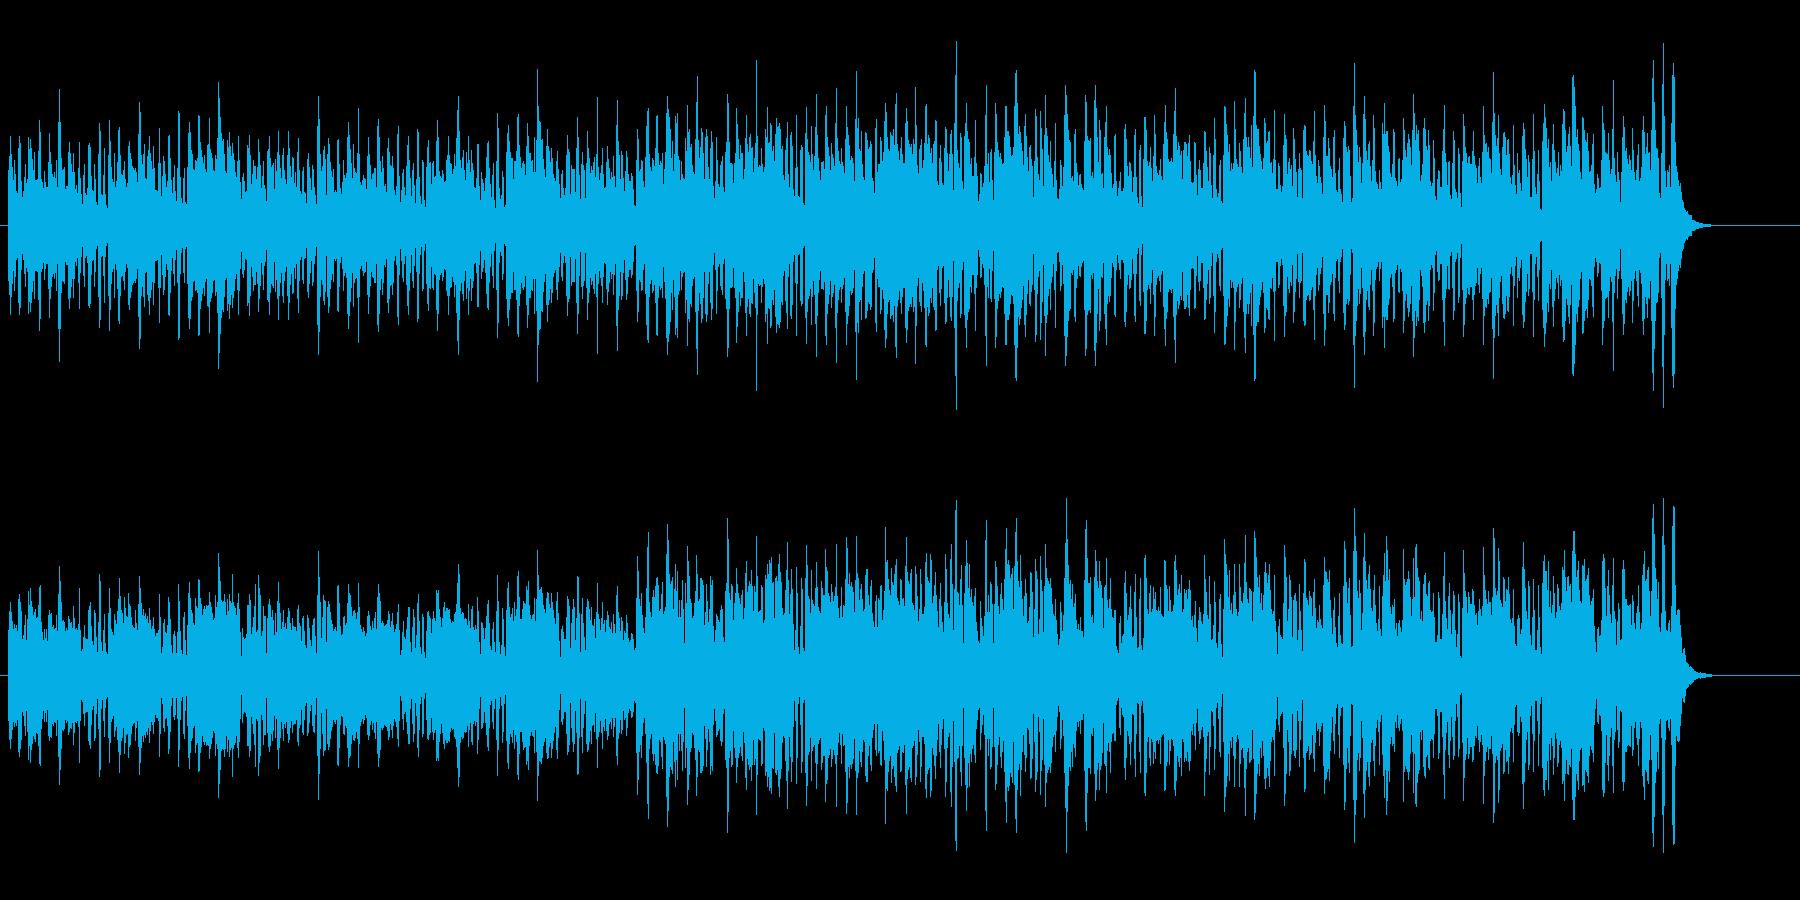 サーカスを告げる古風なマーチ・サウンドの再生済みの波形